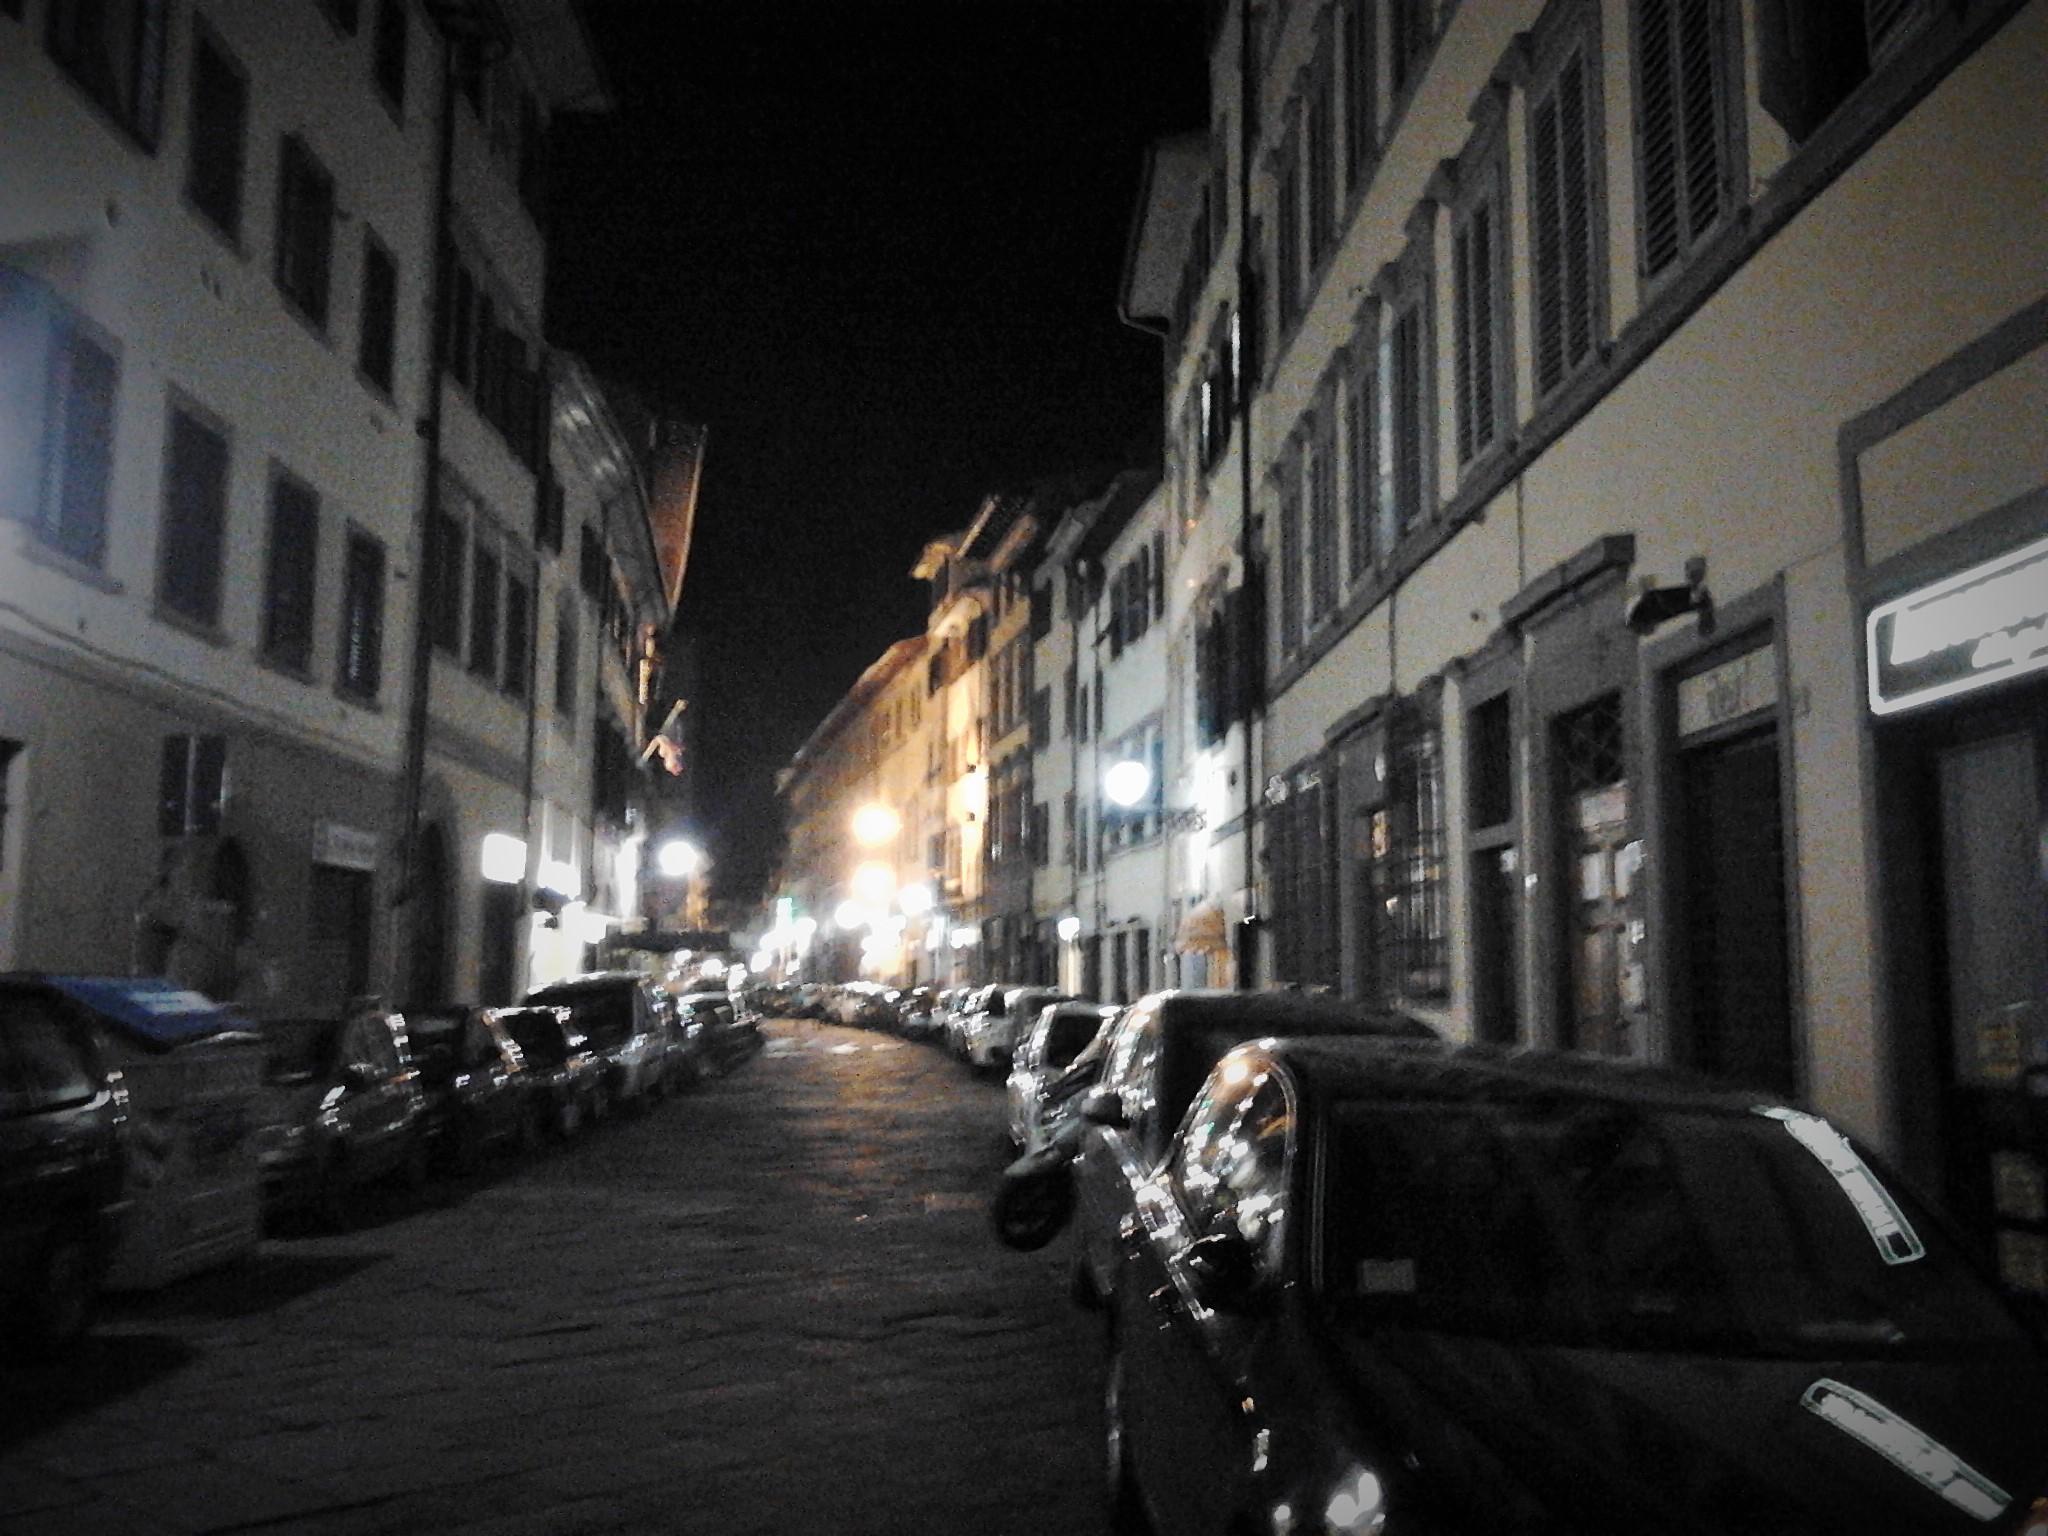 Natt någonstans i Europa